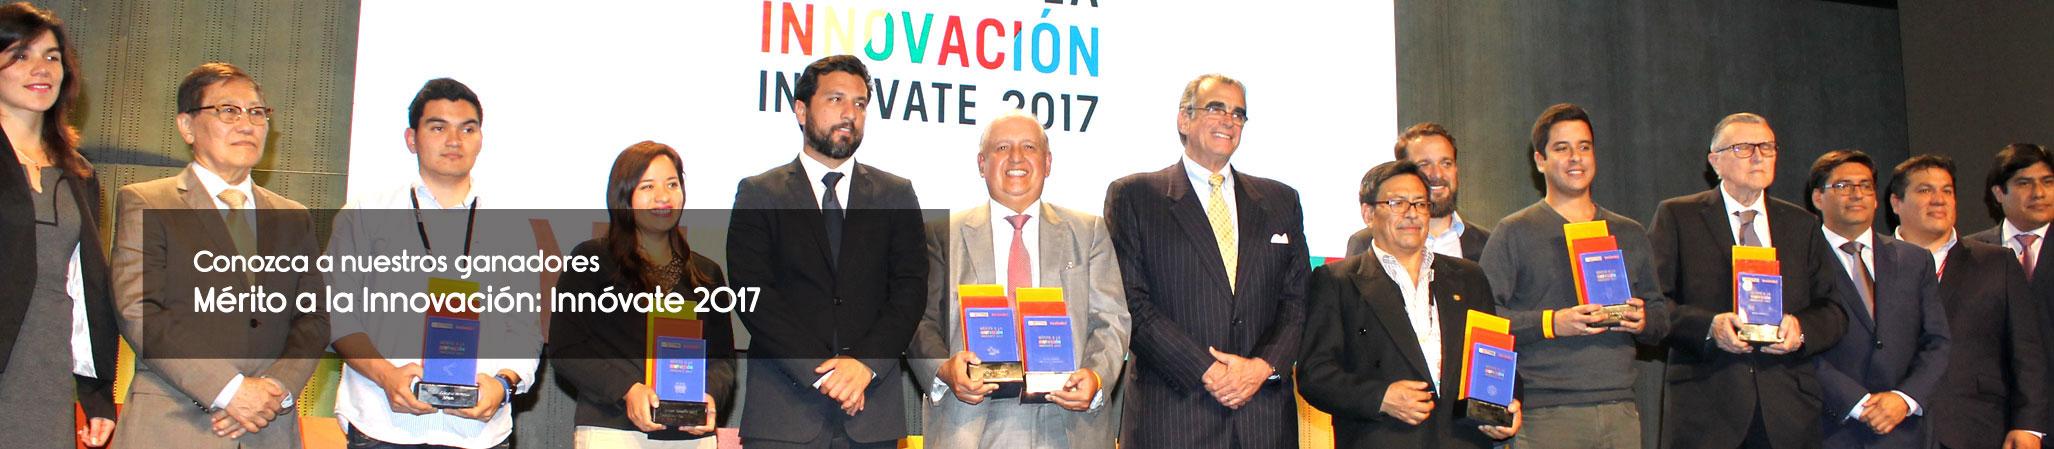 Mérito a la innovación 2017